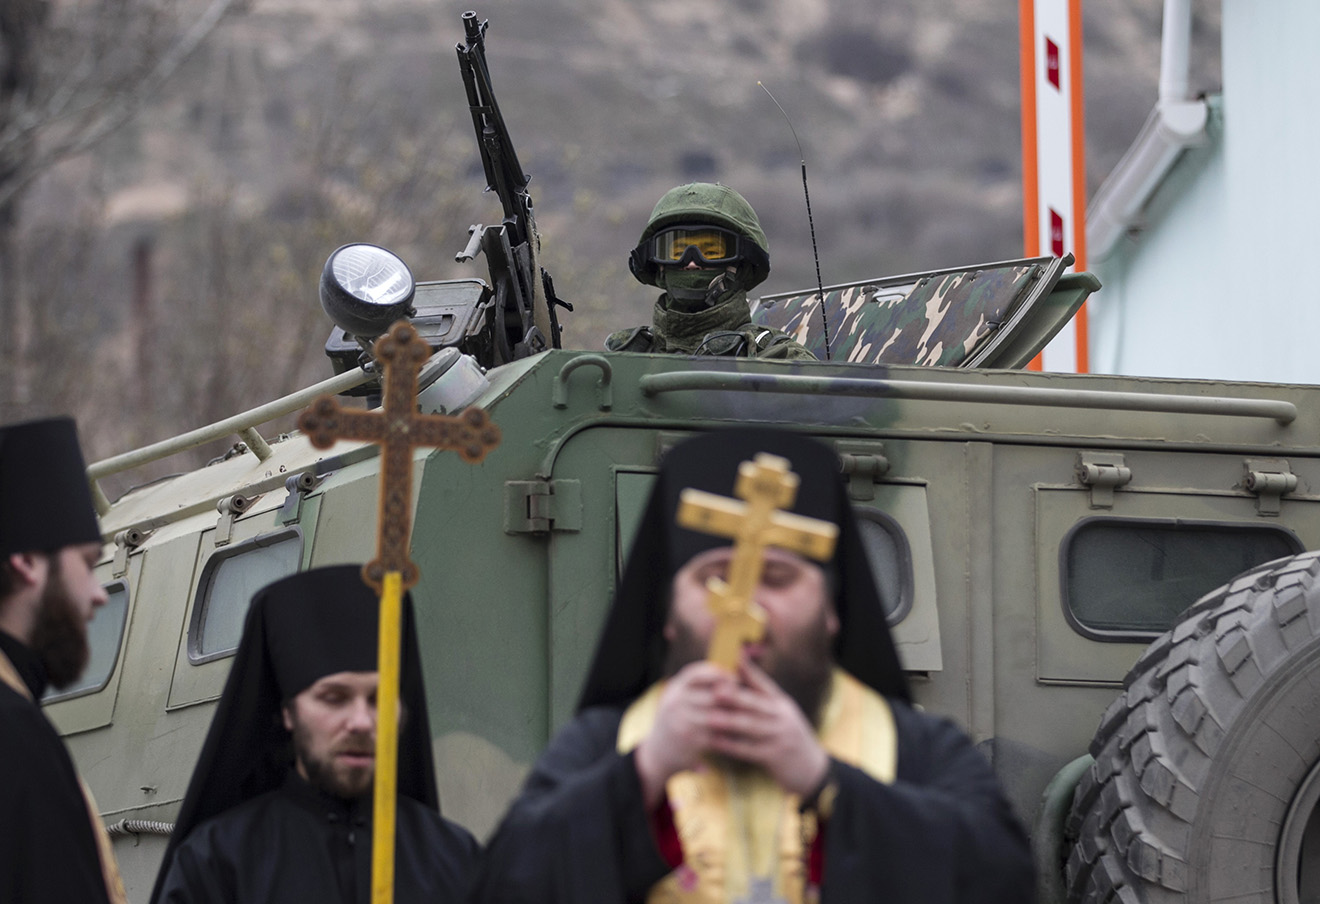 Православные священники на фоне российских военных в Балаклаве. Полуостров Крым, Украина, 1 марта 2014 года. Фото: Baz Ratner / Reuters